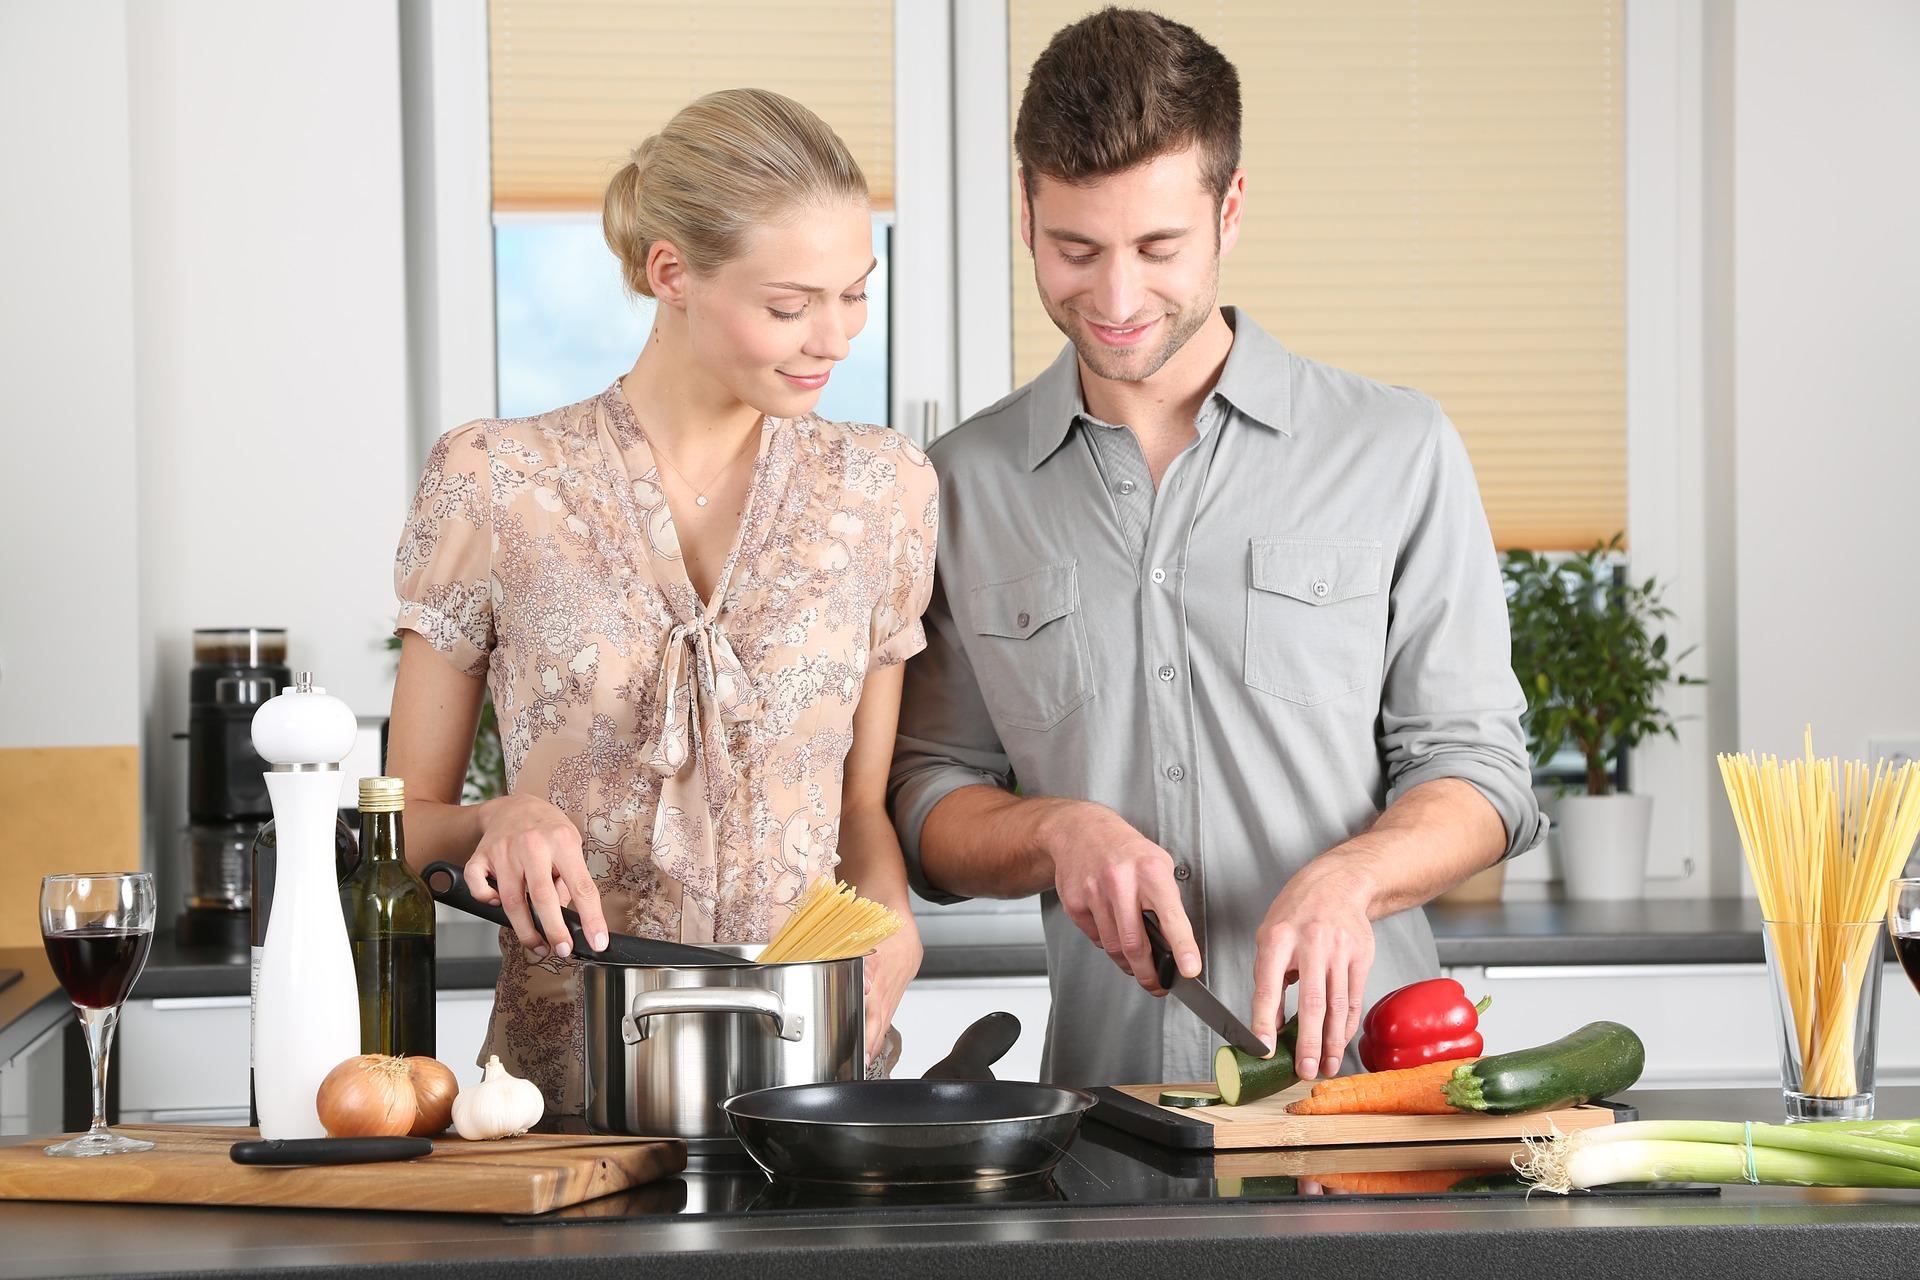 Cooking Worktop Background